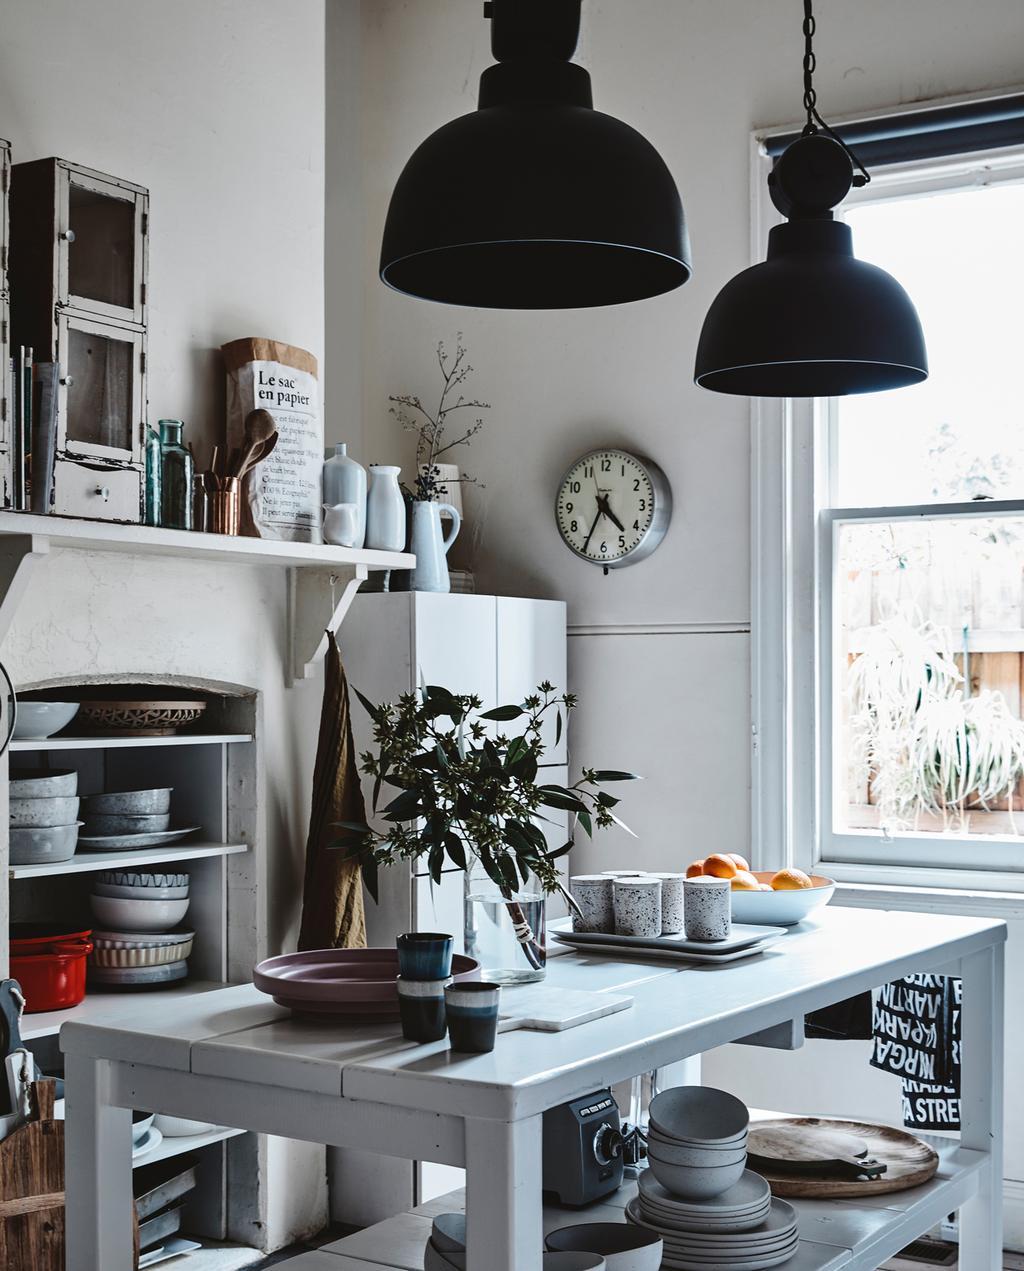 vtwonen 2-2020 | keuken werkbank diy